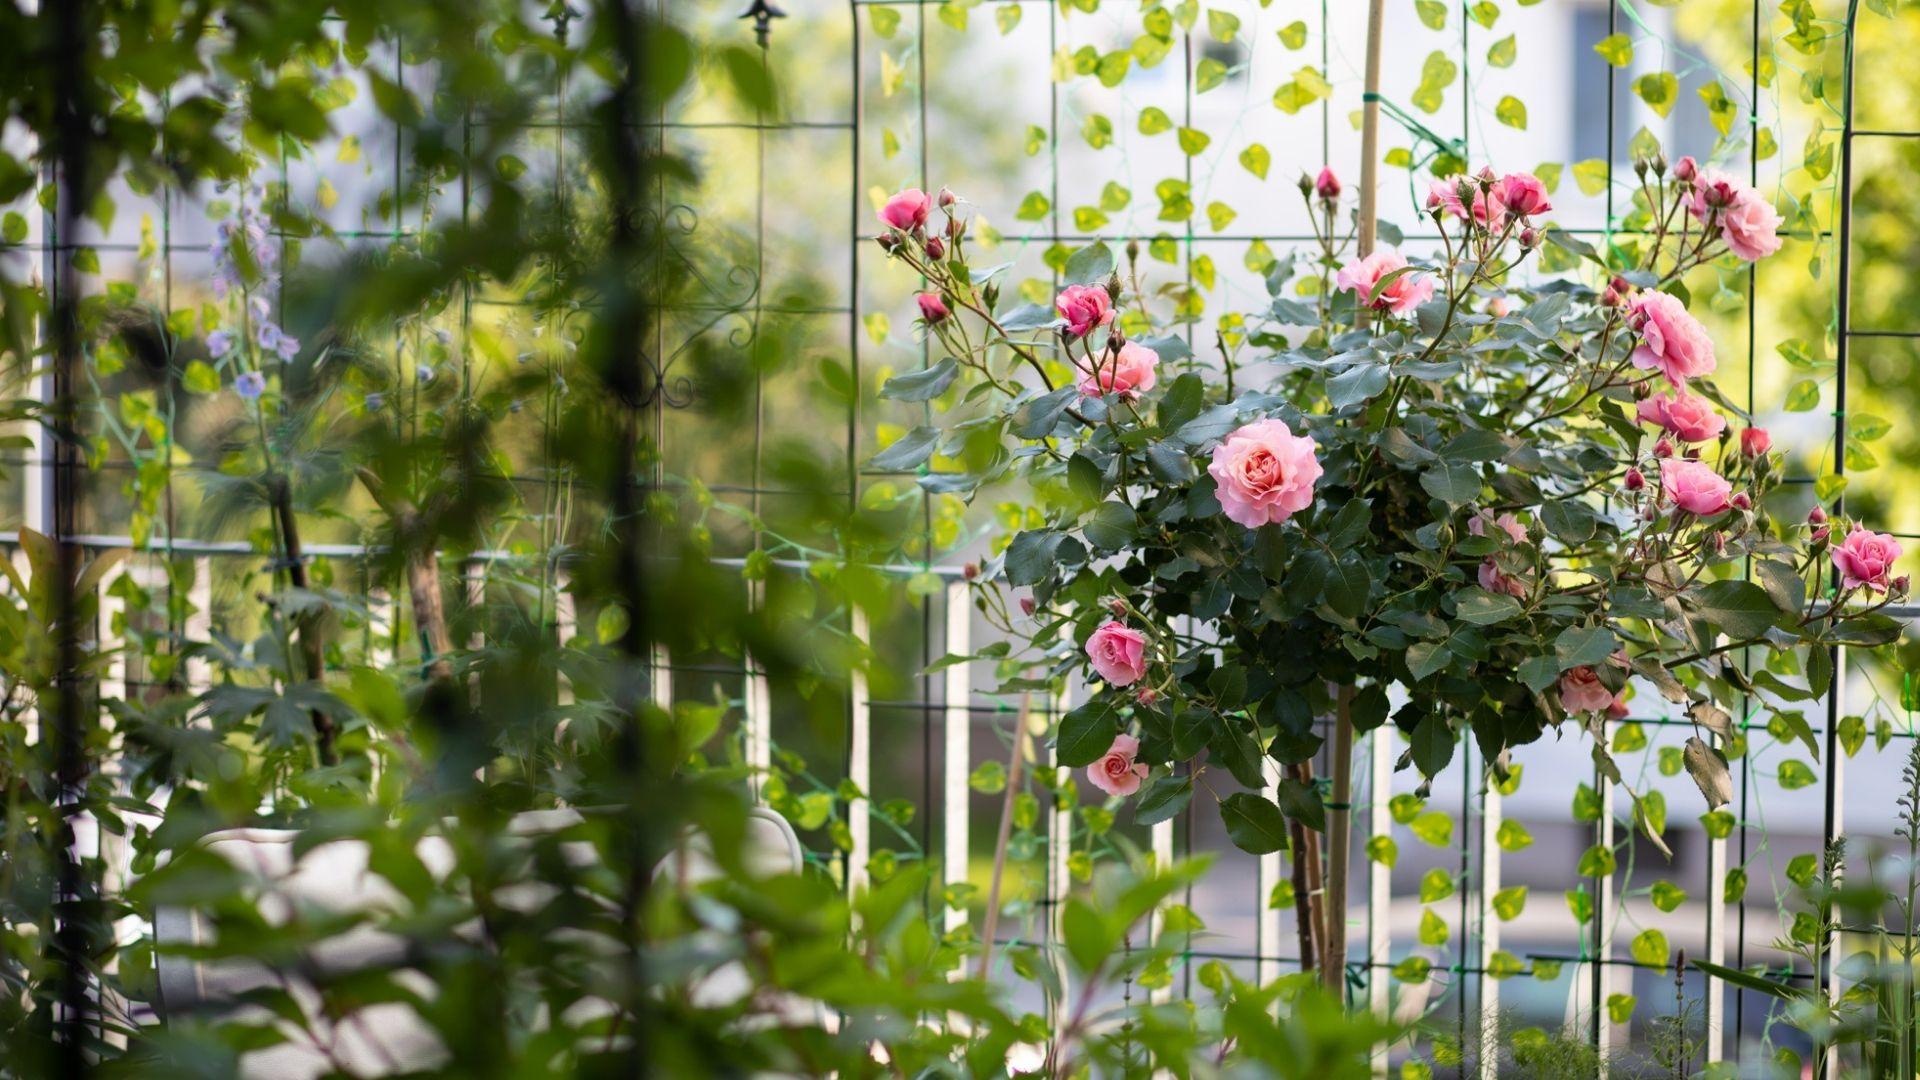 Fotos Collage para portafolios Jardin Ingles en Viena 7